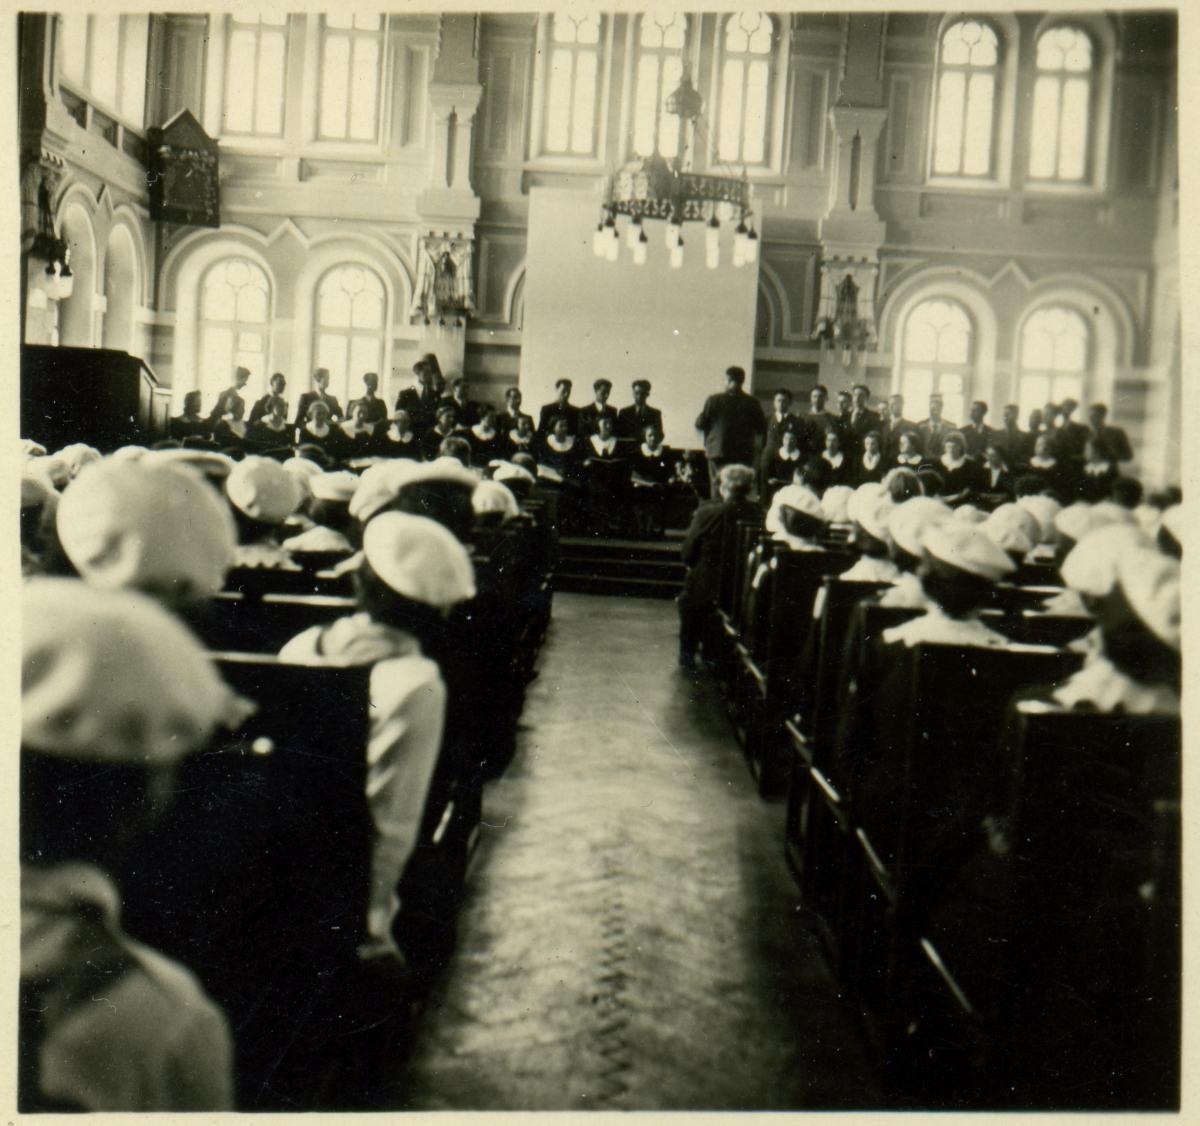 Аудитория Епархиального Дома. Фотография межвоенного периода.